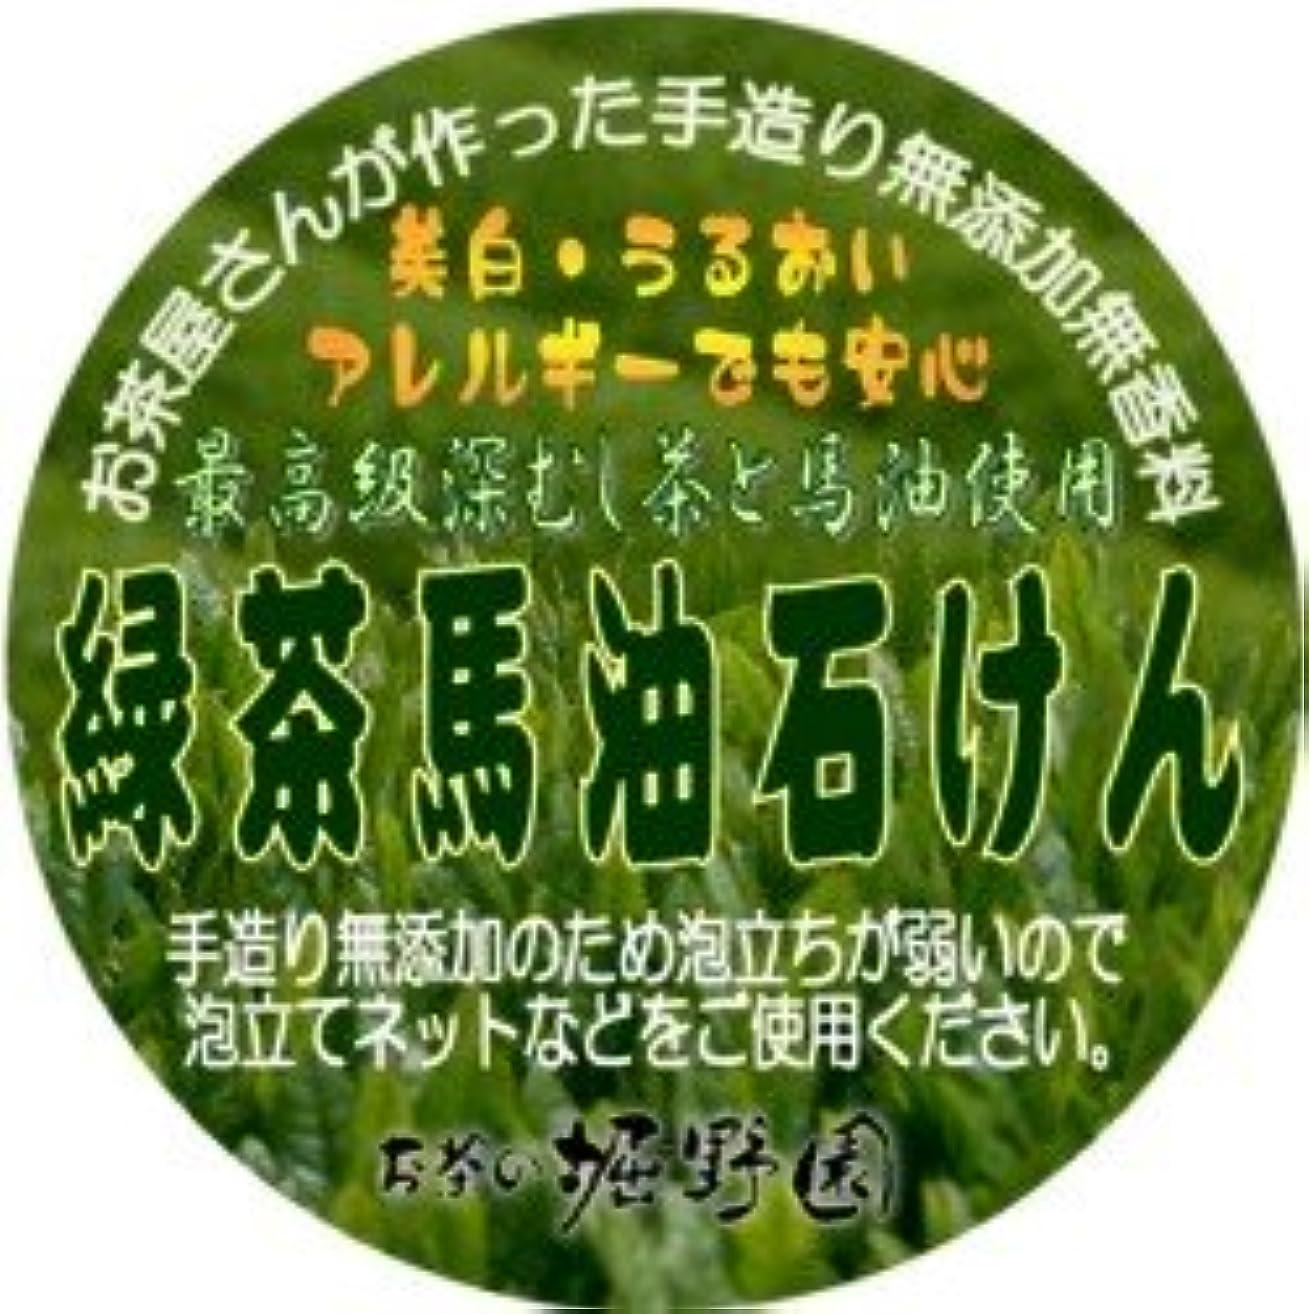 極めて重要なタンク触手無添加無着色 緑茶馬油石けん(アトピー?弱肌の方のご愛用が非常に多い商品です)